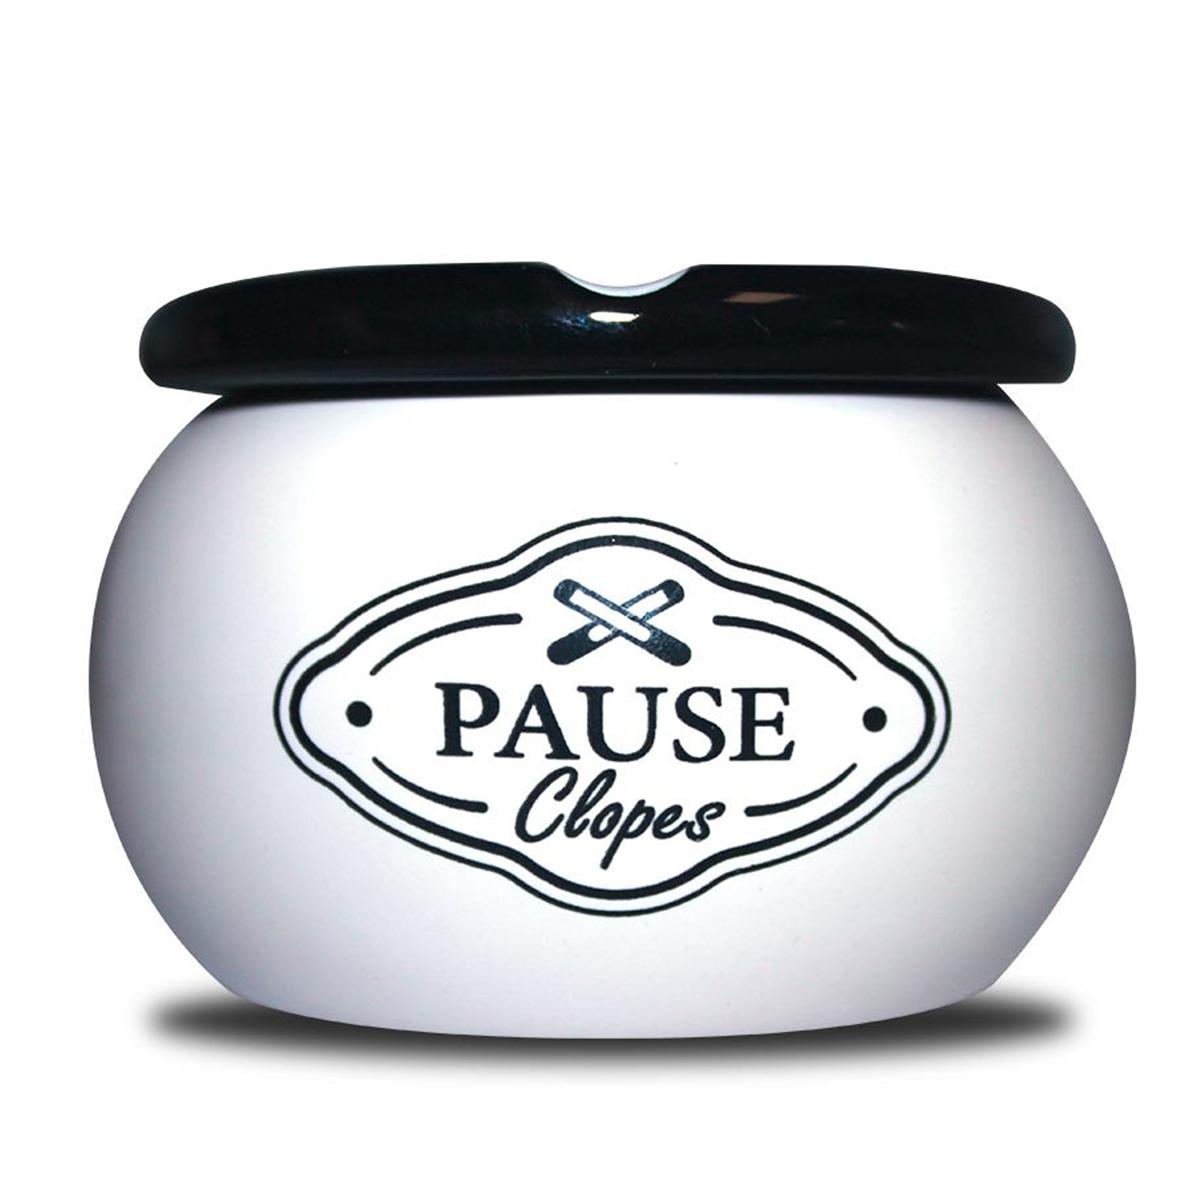 Cendrier marocain céramique \'Messages\' blanc (Pause Clopes) - 9x6 cm - [A0567]